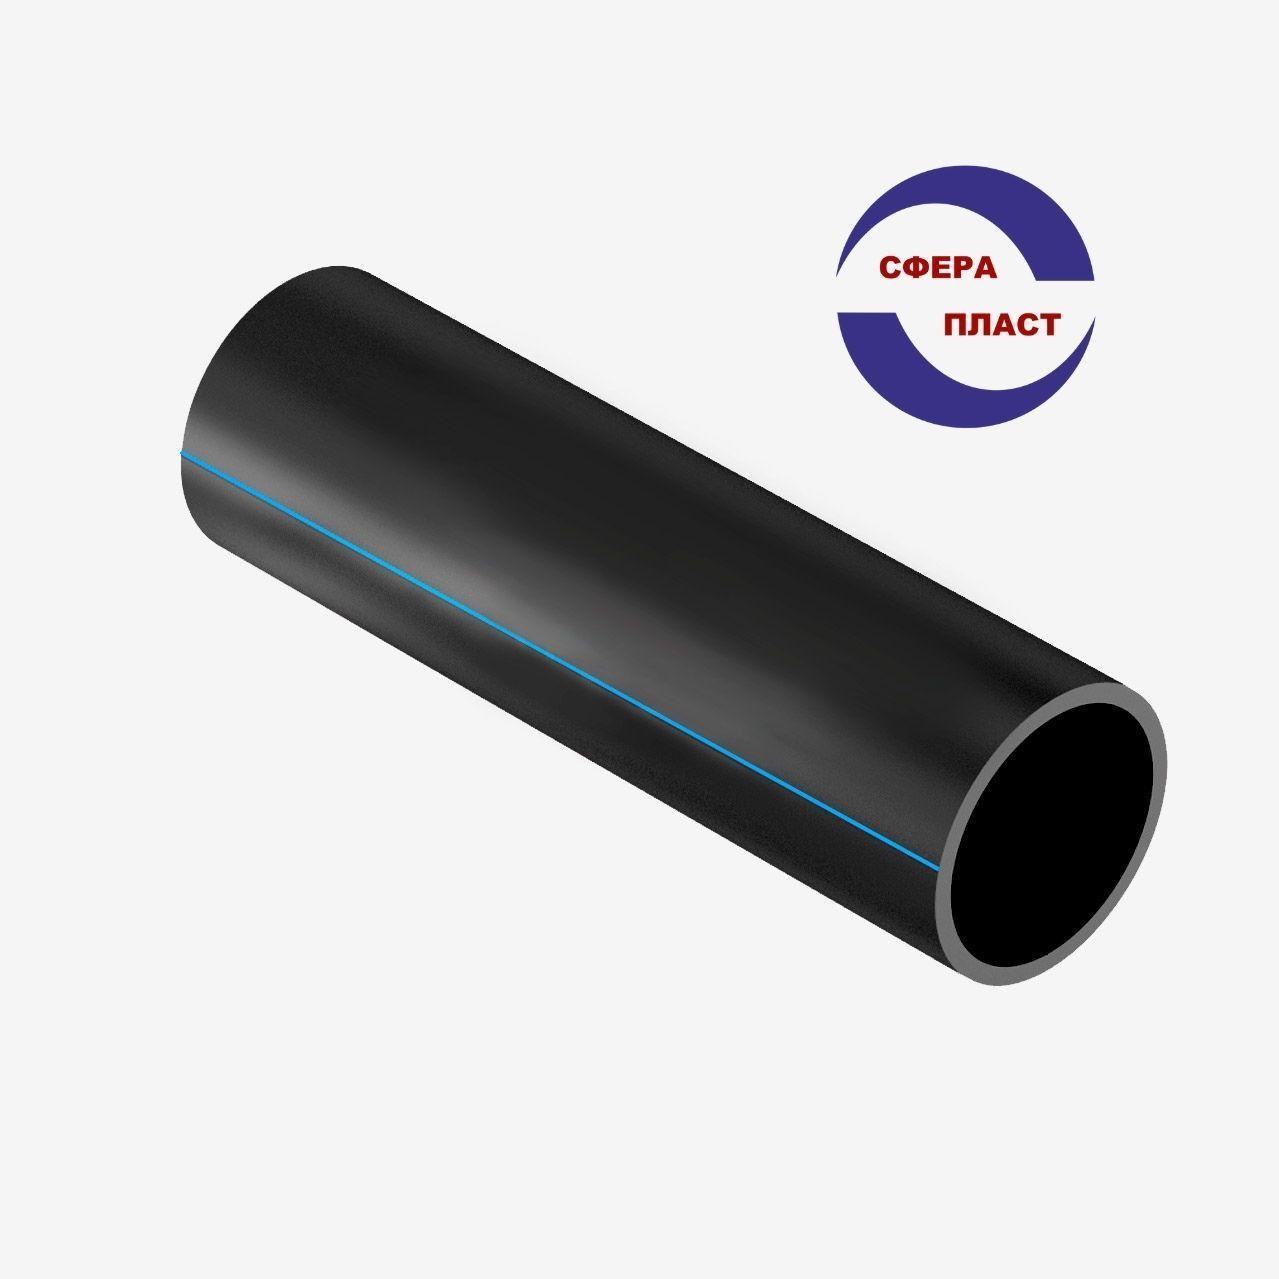 Труба Ду-32x2,4 SDR13,6 (12,5 атм) полиэтиленовая ПЭ-100